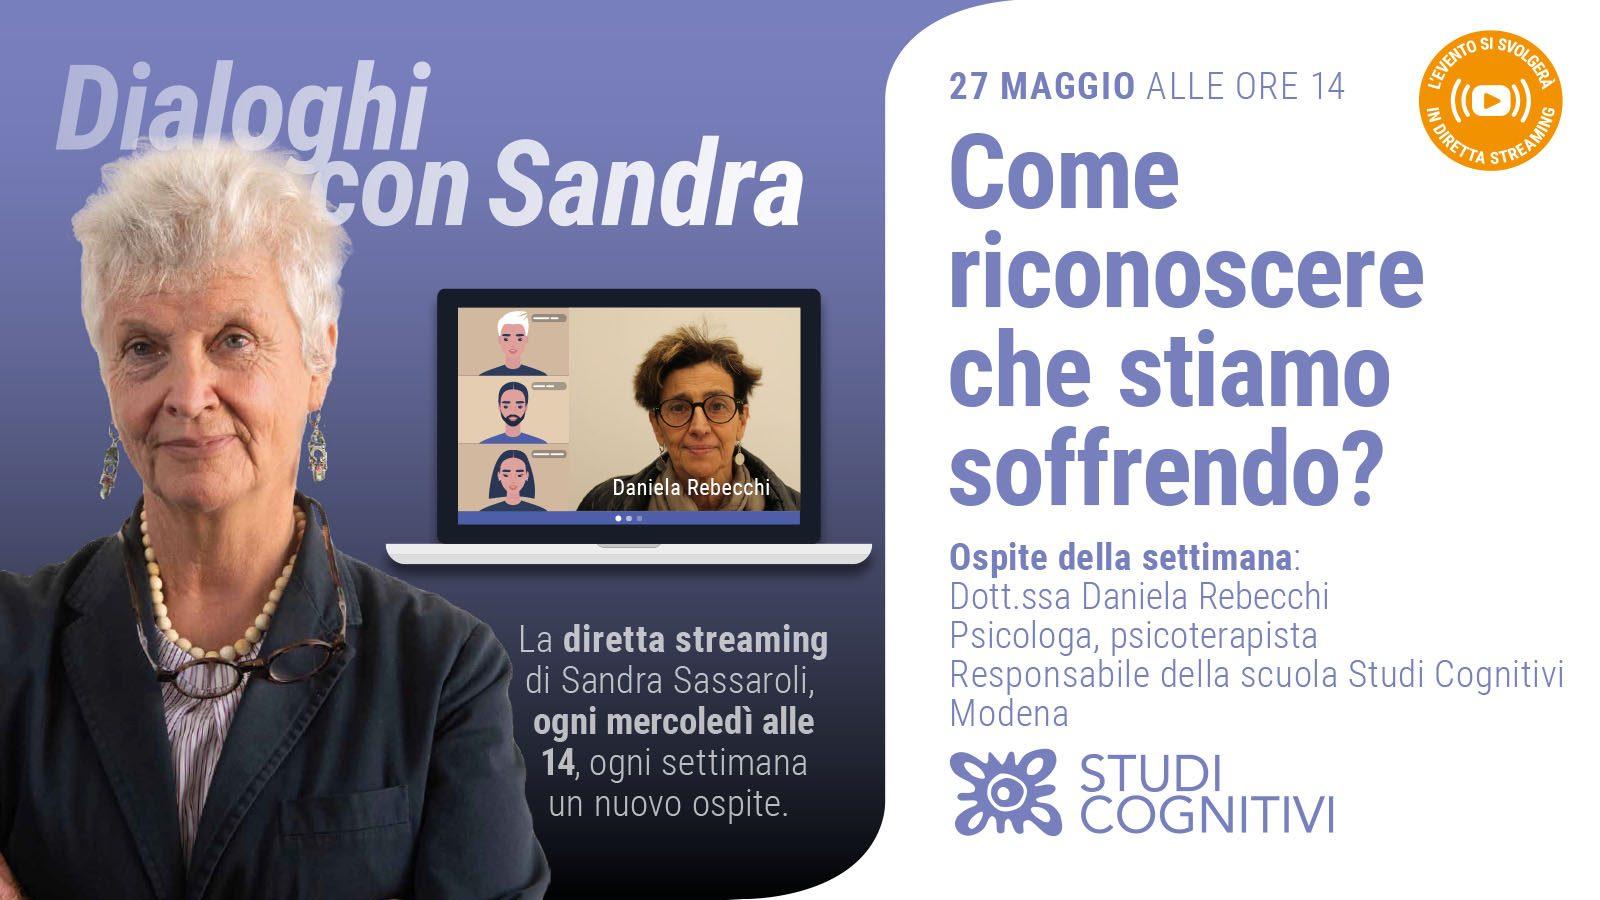 NAZIONALE - Dialoghi con Sandra - 06 - 200527 - banner